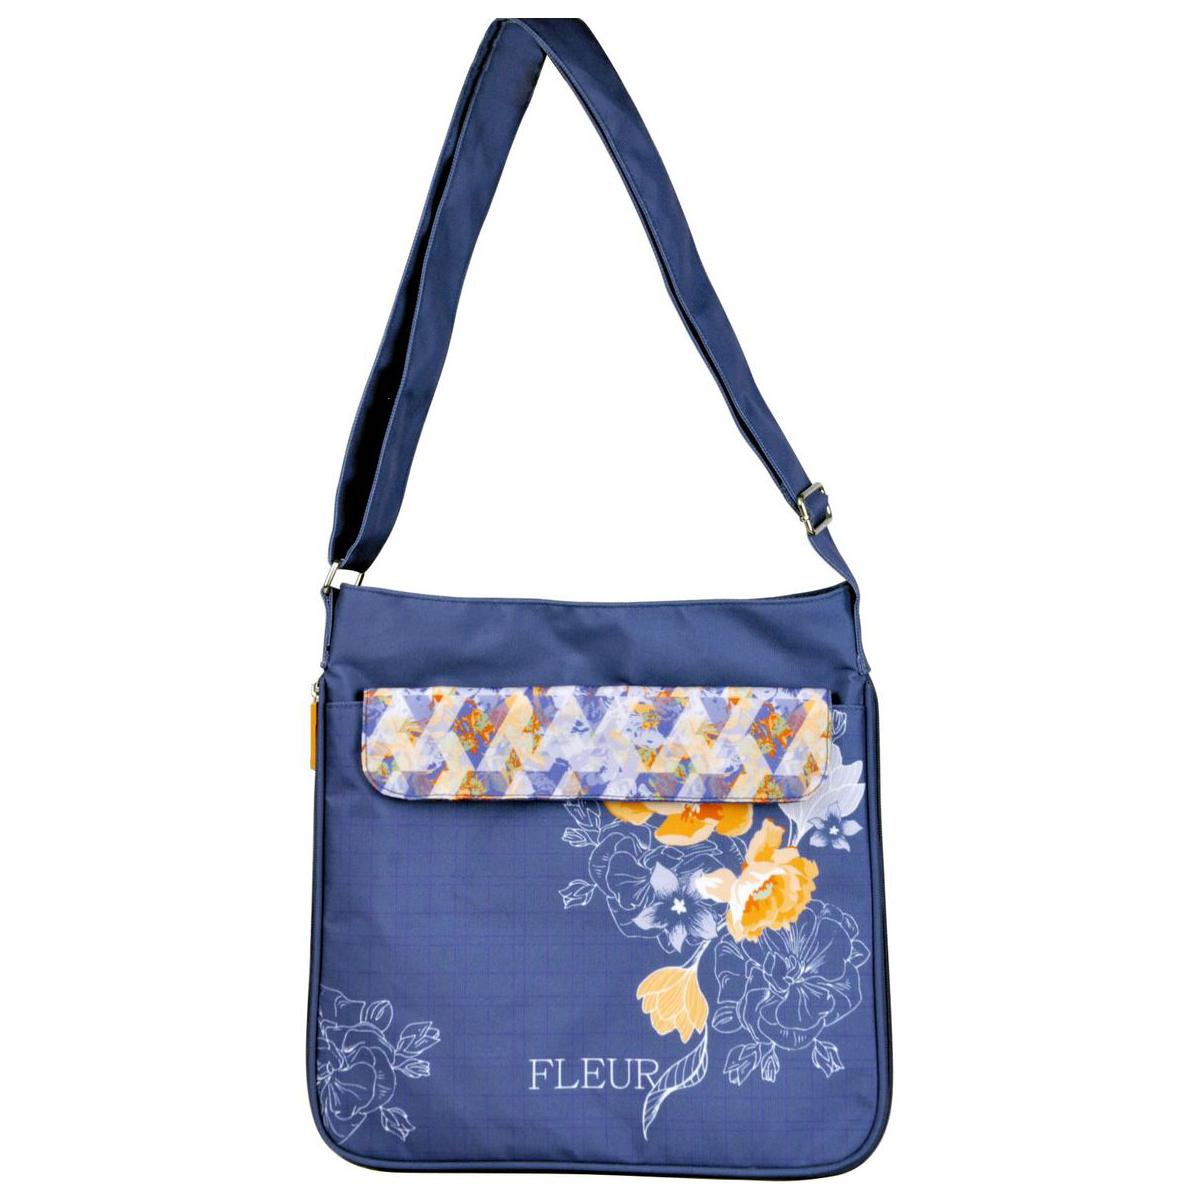 Сумка школьная  La'Fleur - Детские сумочки, артикул: 169742